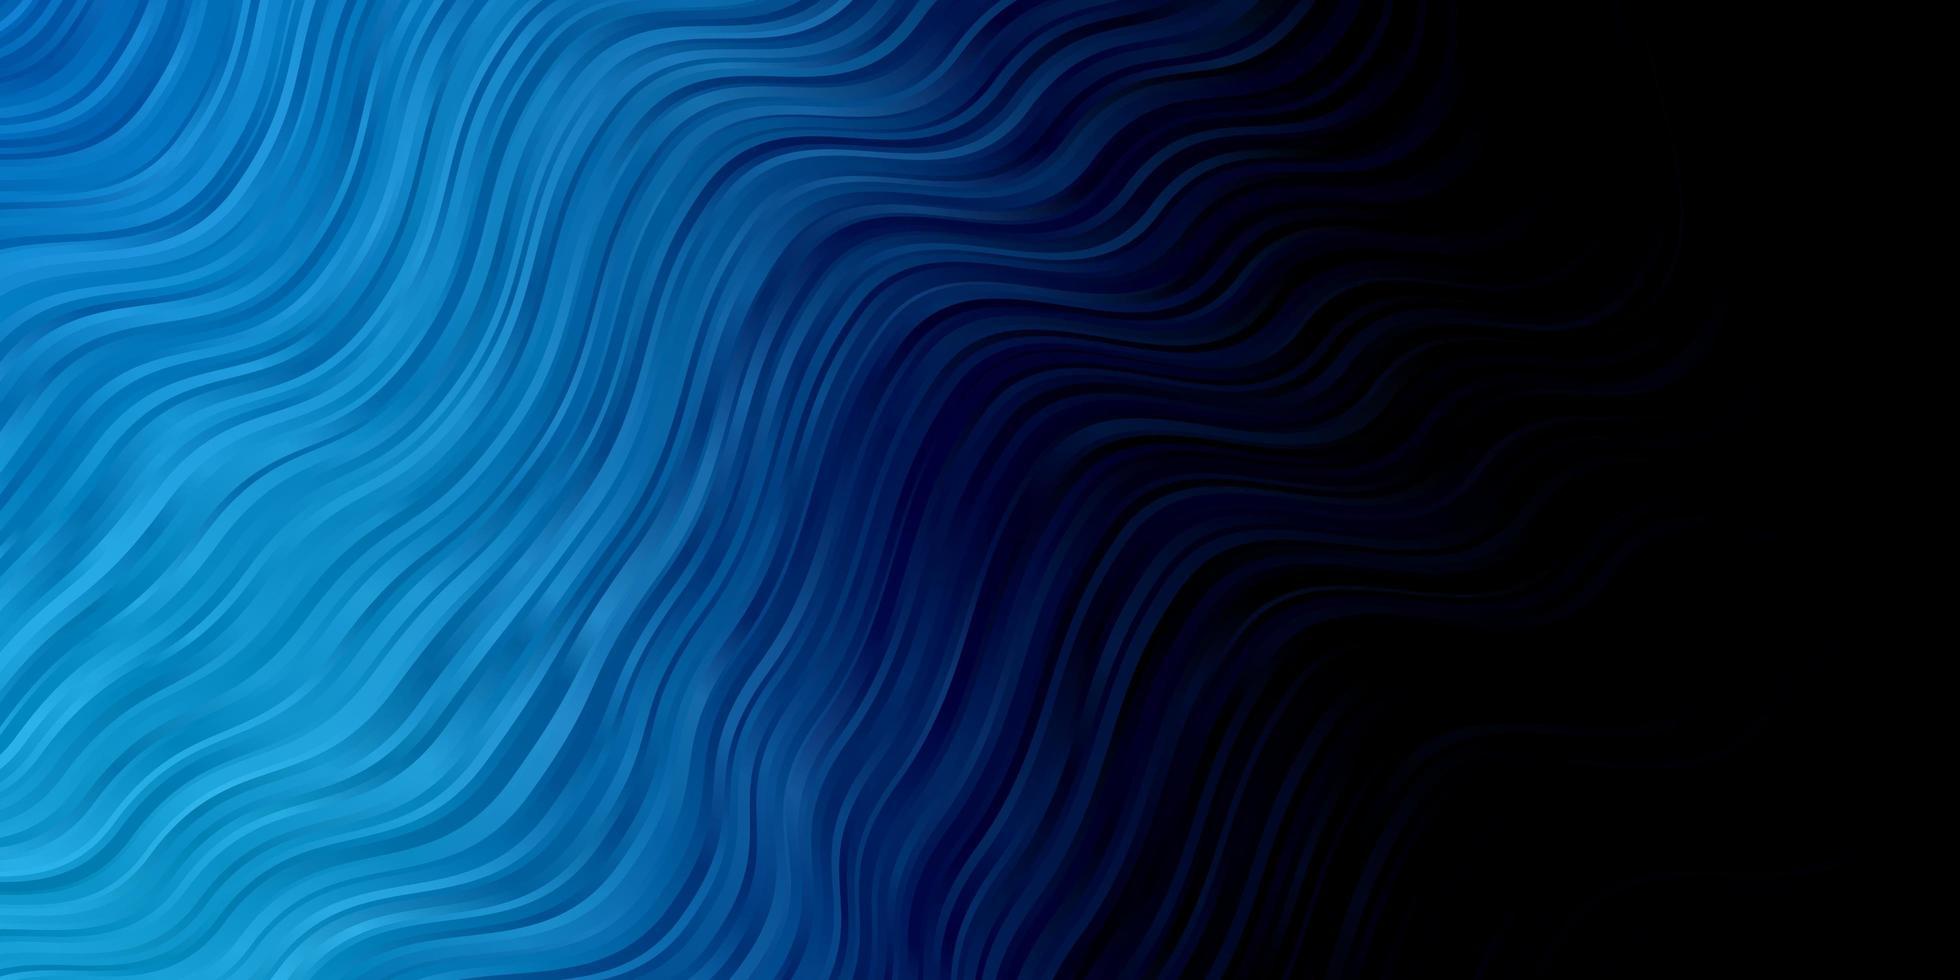 disposition de vecteur bleu foncé avec des lignes ironiques.